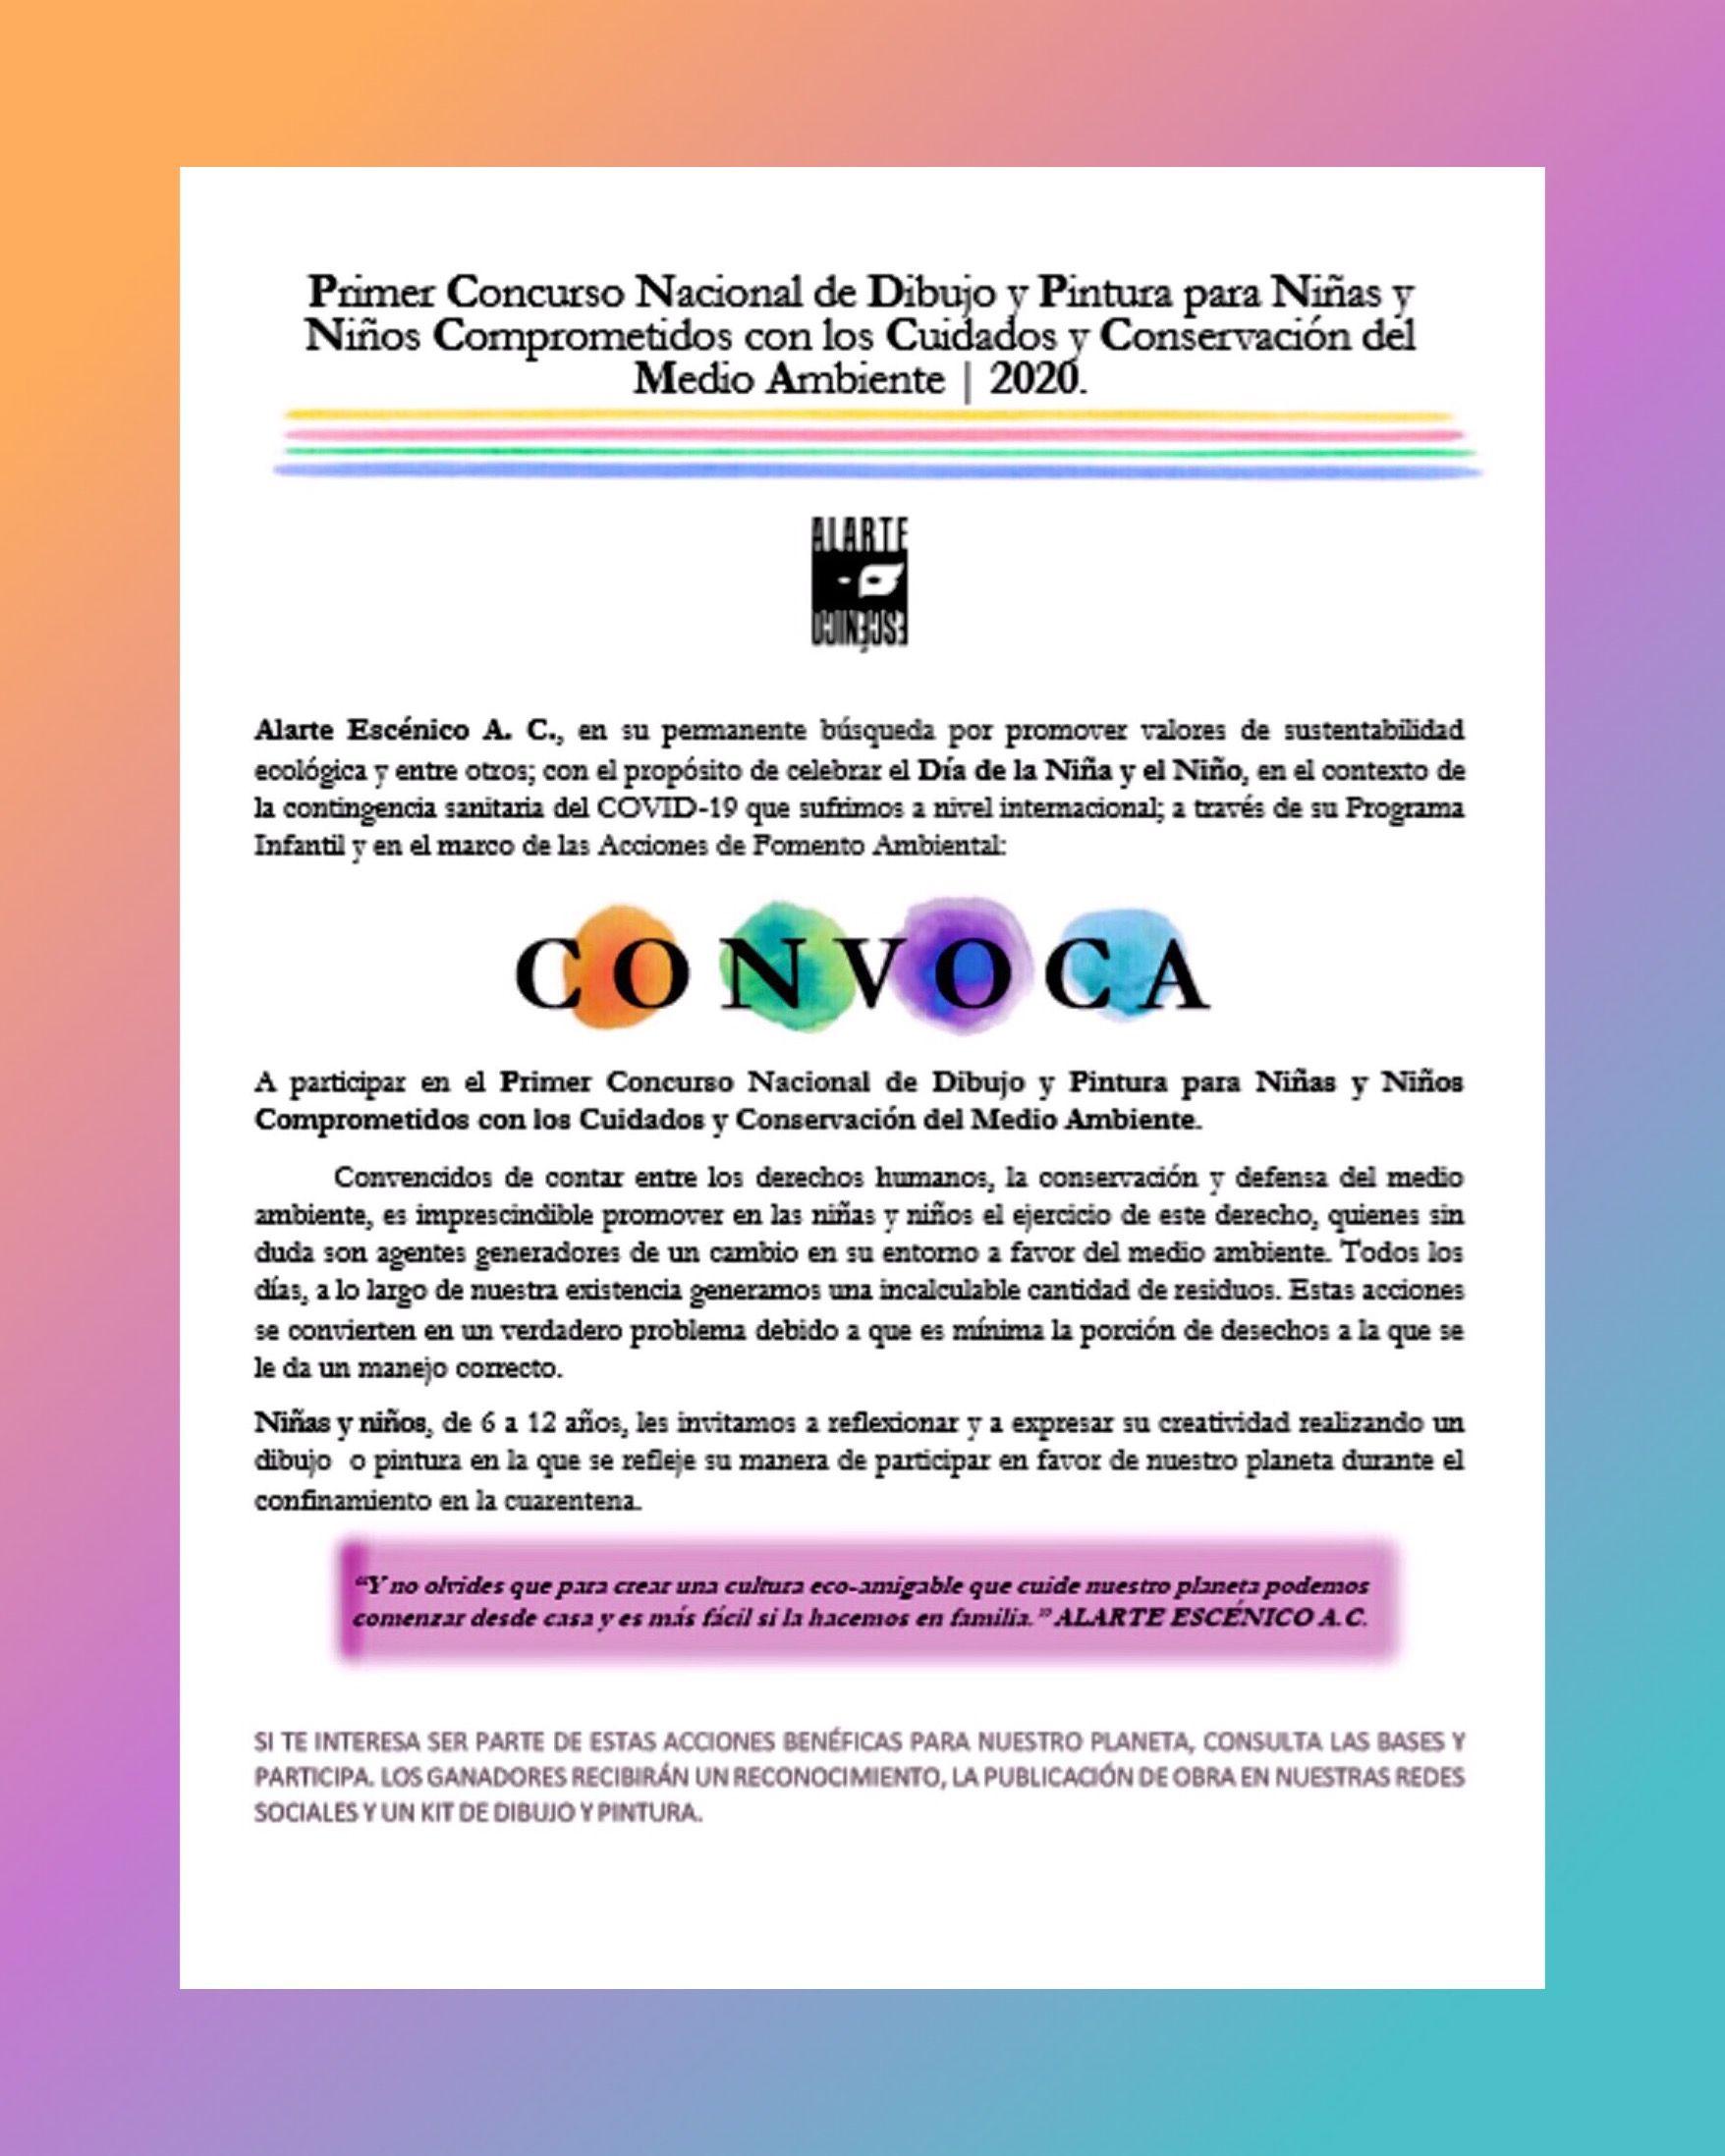 Primer Concurso Nacional De Dibujo Para Ninas Y Ninos Dibujos Para Ninos Pinturas Para Ninas Dia De Los Ninos